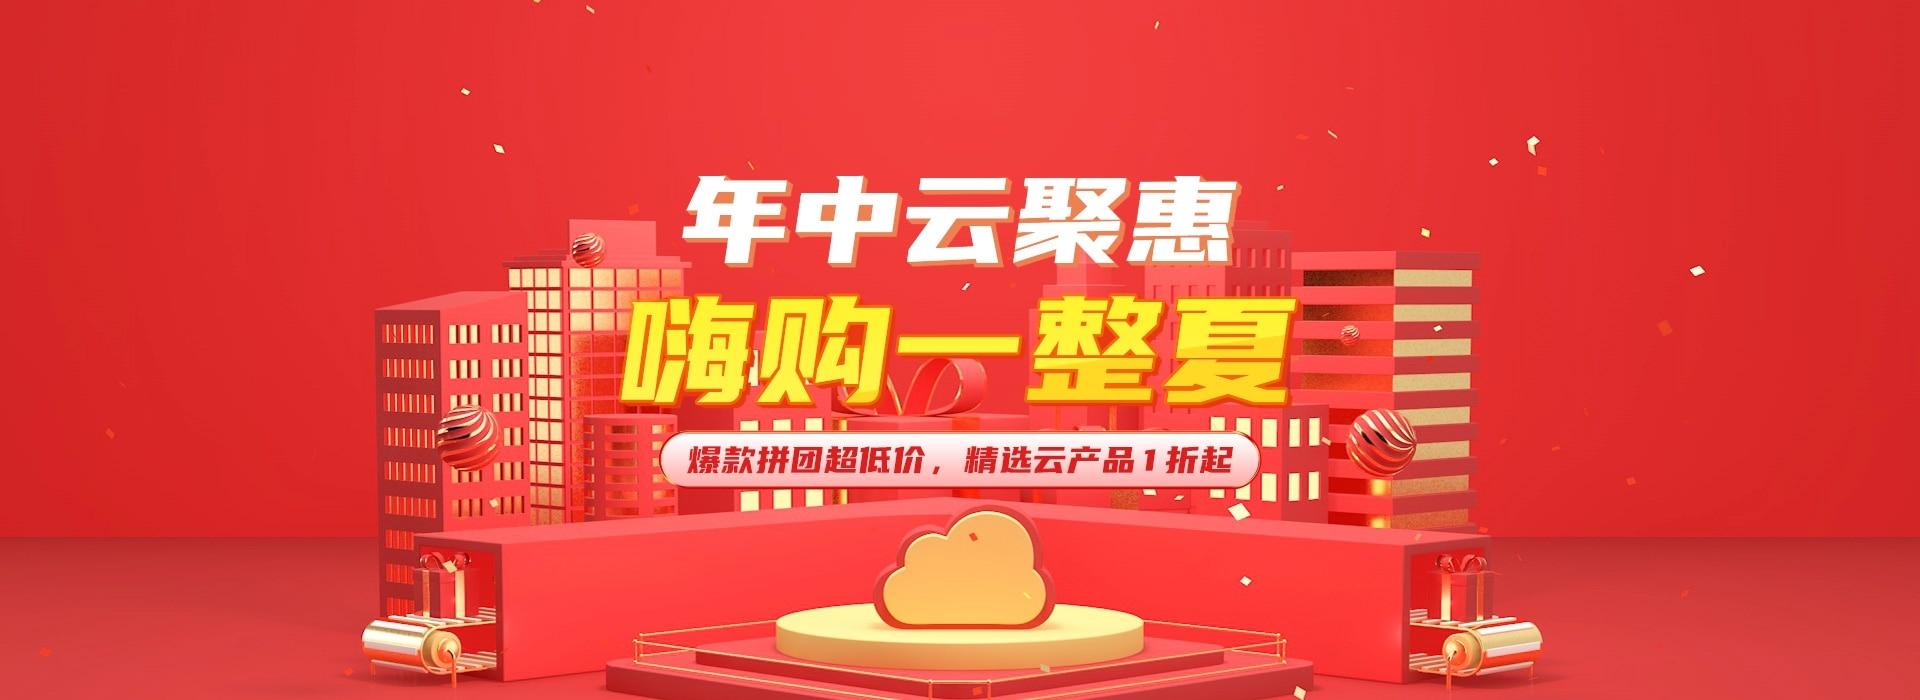 微笑云:年中团购 60元/年 三地BGP 充值赠款